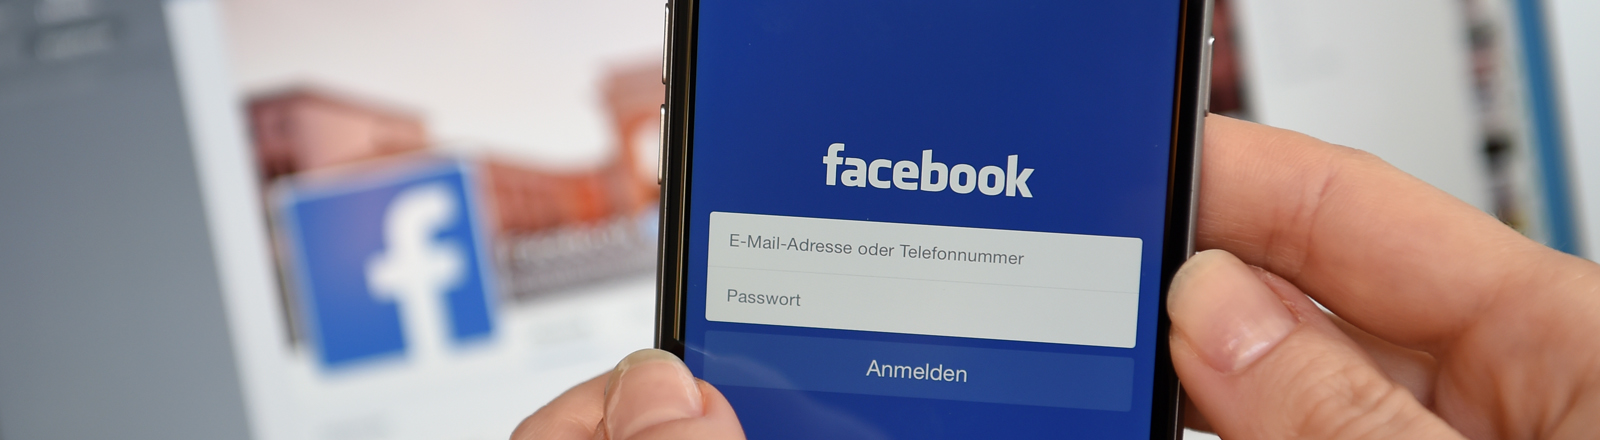 """Auf dem Display eines iphone6 wird am 20.03.2015 die App des sozialen Netzwerkes """"facebook"""" angezeigt."""